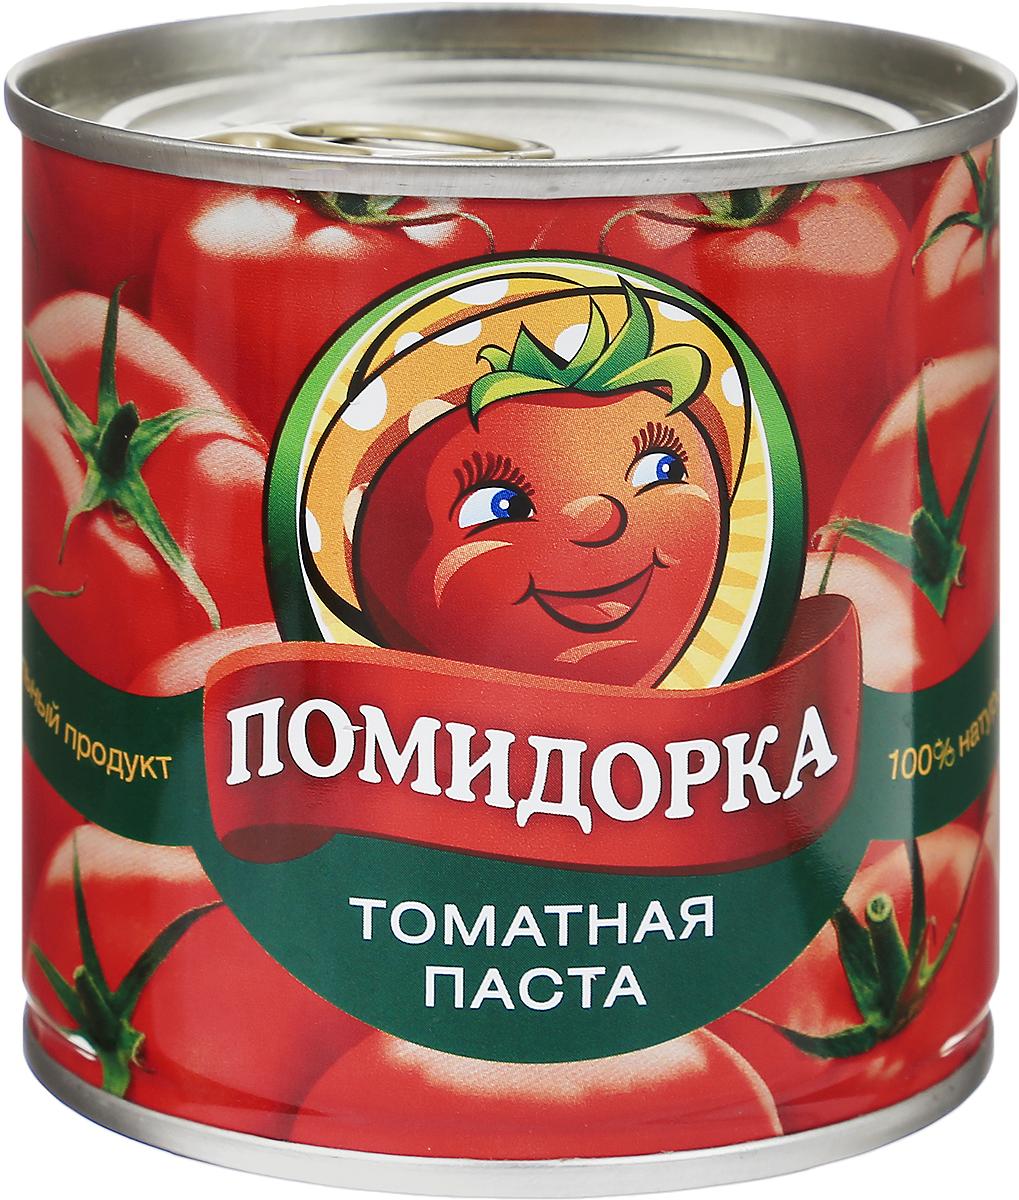 Помидорка Томатная паста, 250 г4654Томатная паста Помидорка - гармоничный продукт с оригинальным свежим вкусом, насыщенным цветом и ароматом.В ней отсутствуют искусственные пищевые добавки - это полностью натуральный продукт. Томатная паста Помидорка очень густая (содержит более 25-28% сухих веществ) и приготовлена только из помидоров.